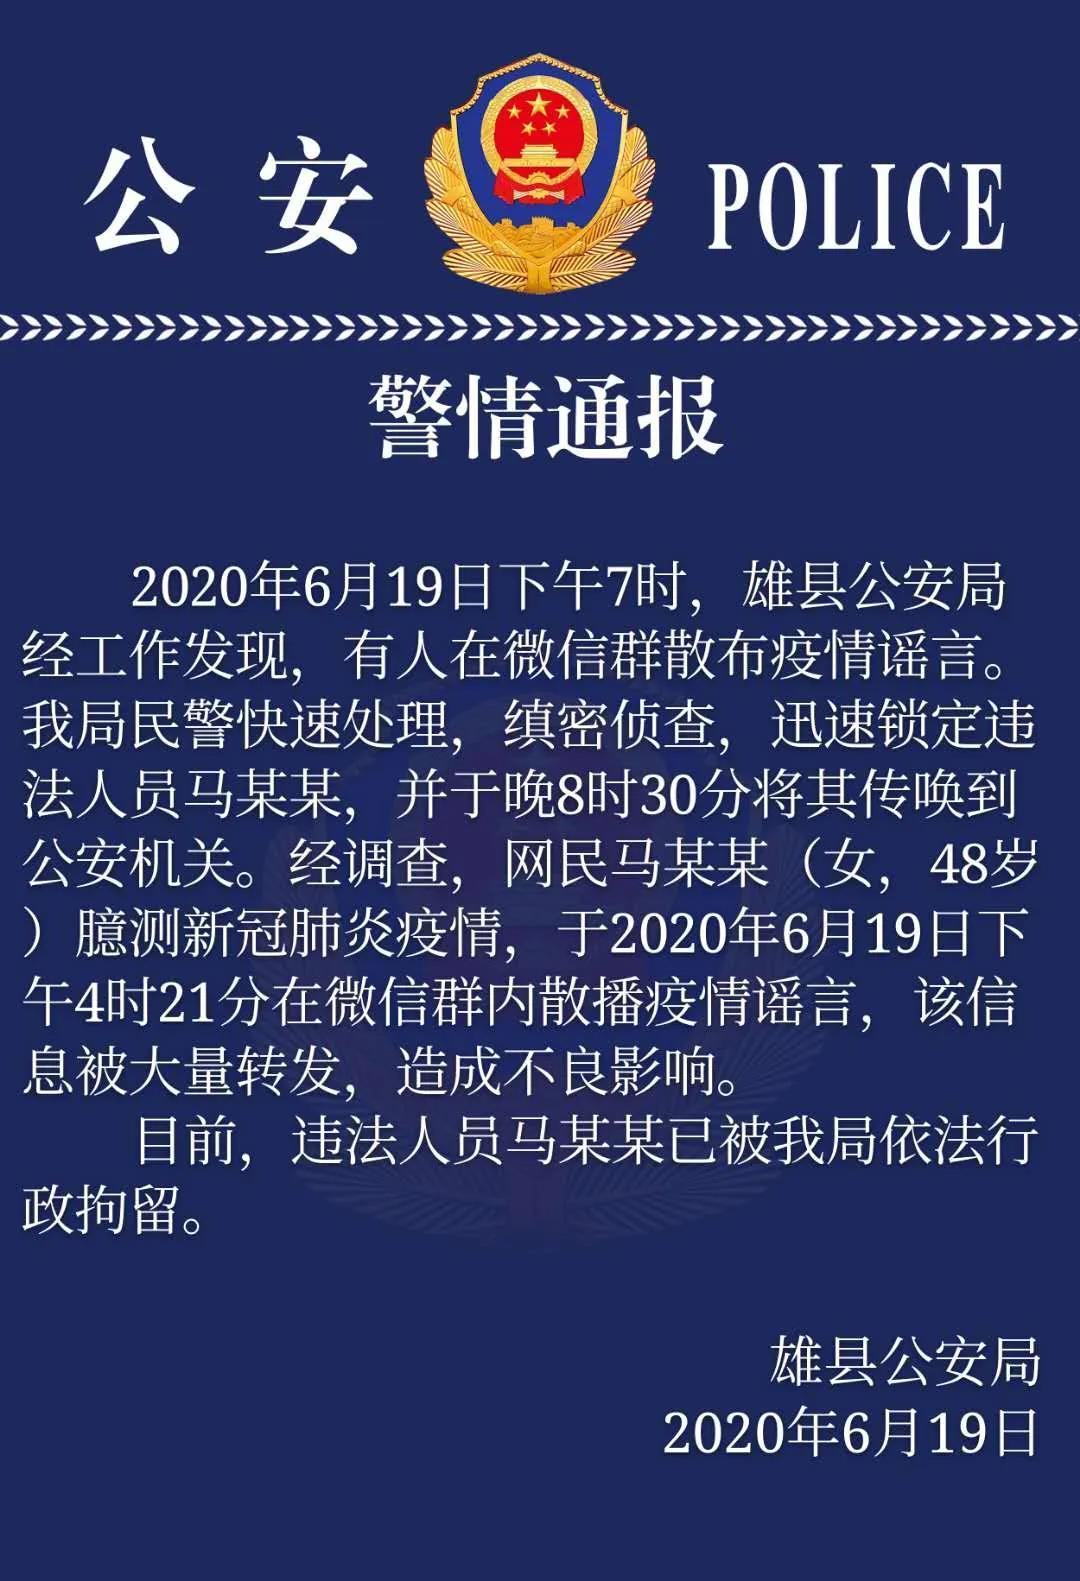 河北保定雄县一网民发帖说疫情被拘留。(网络图片/乔龙提供)